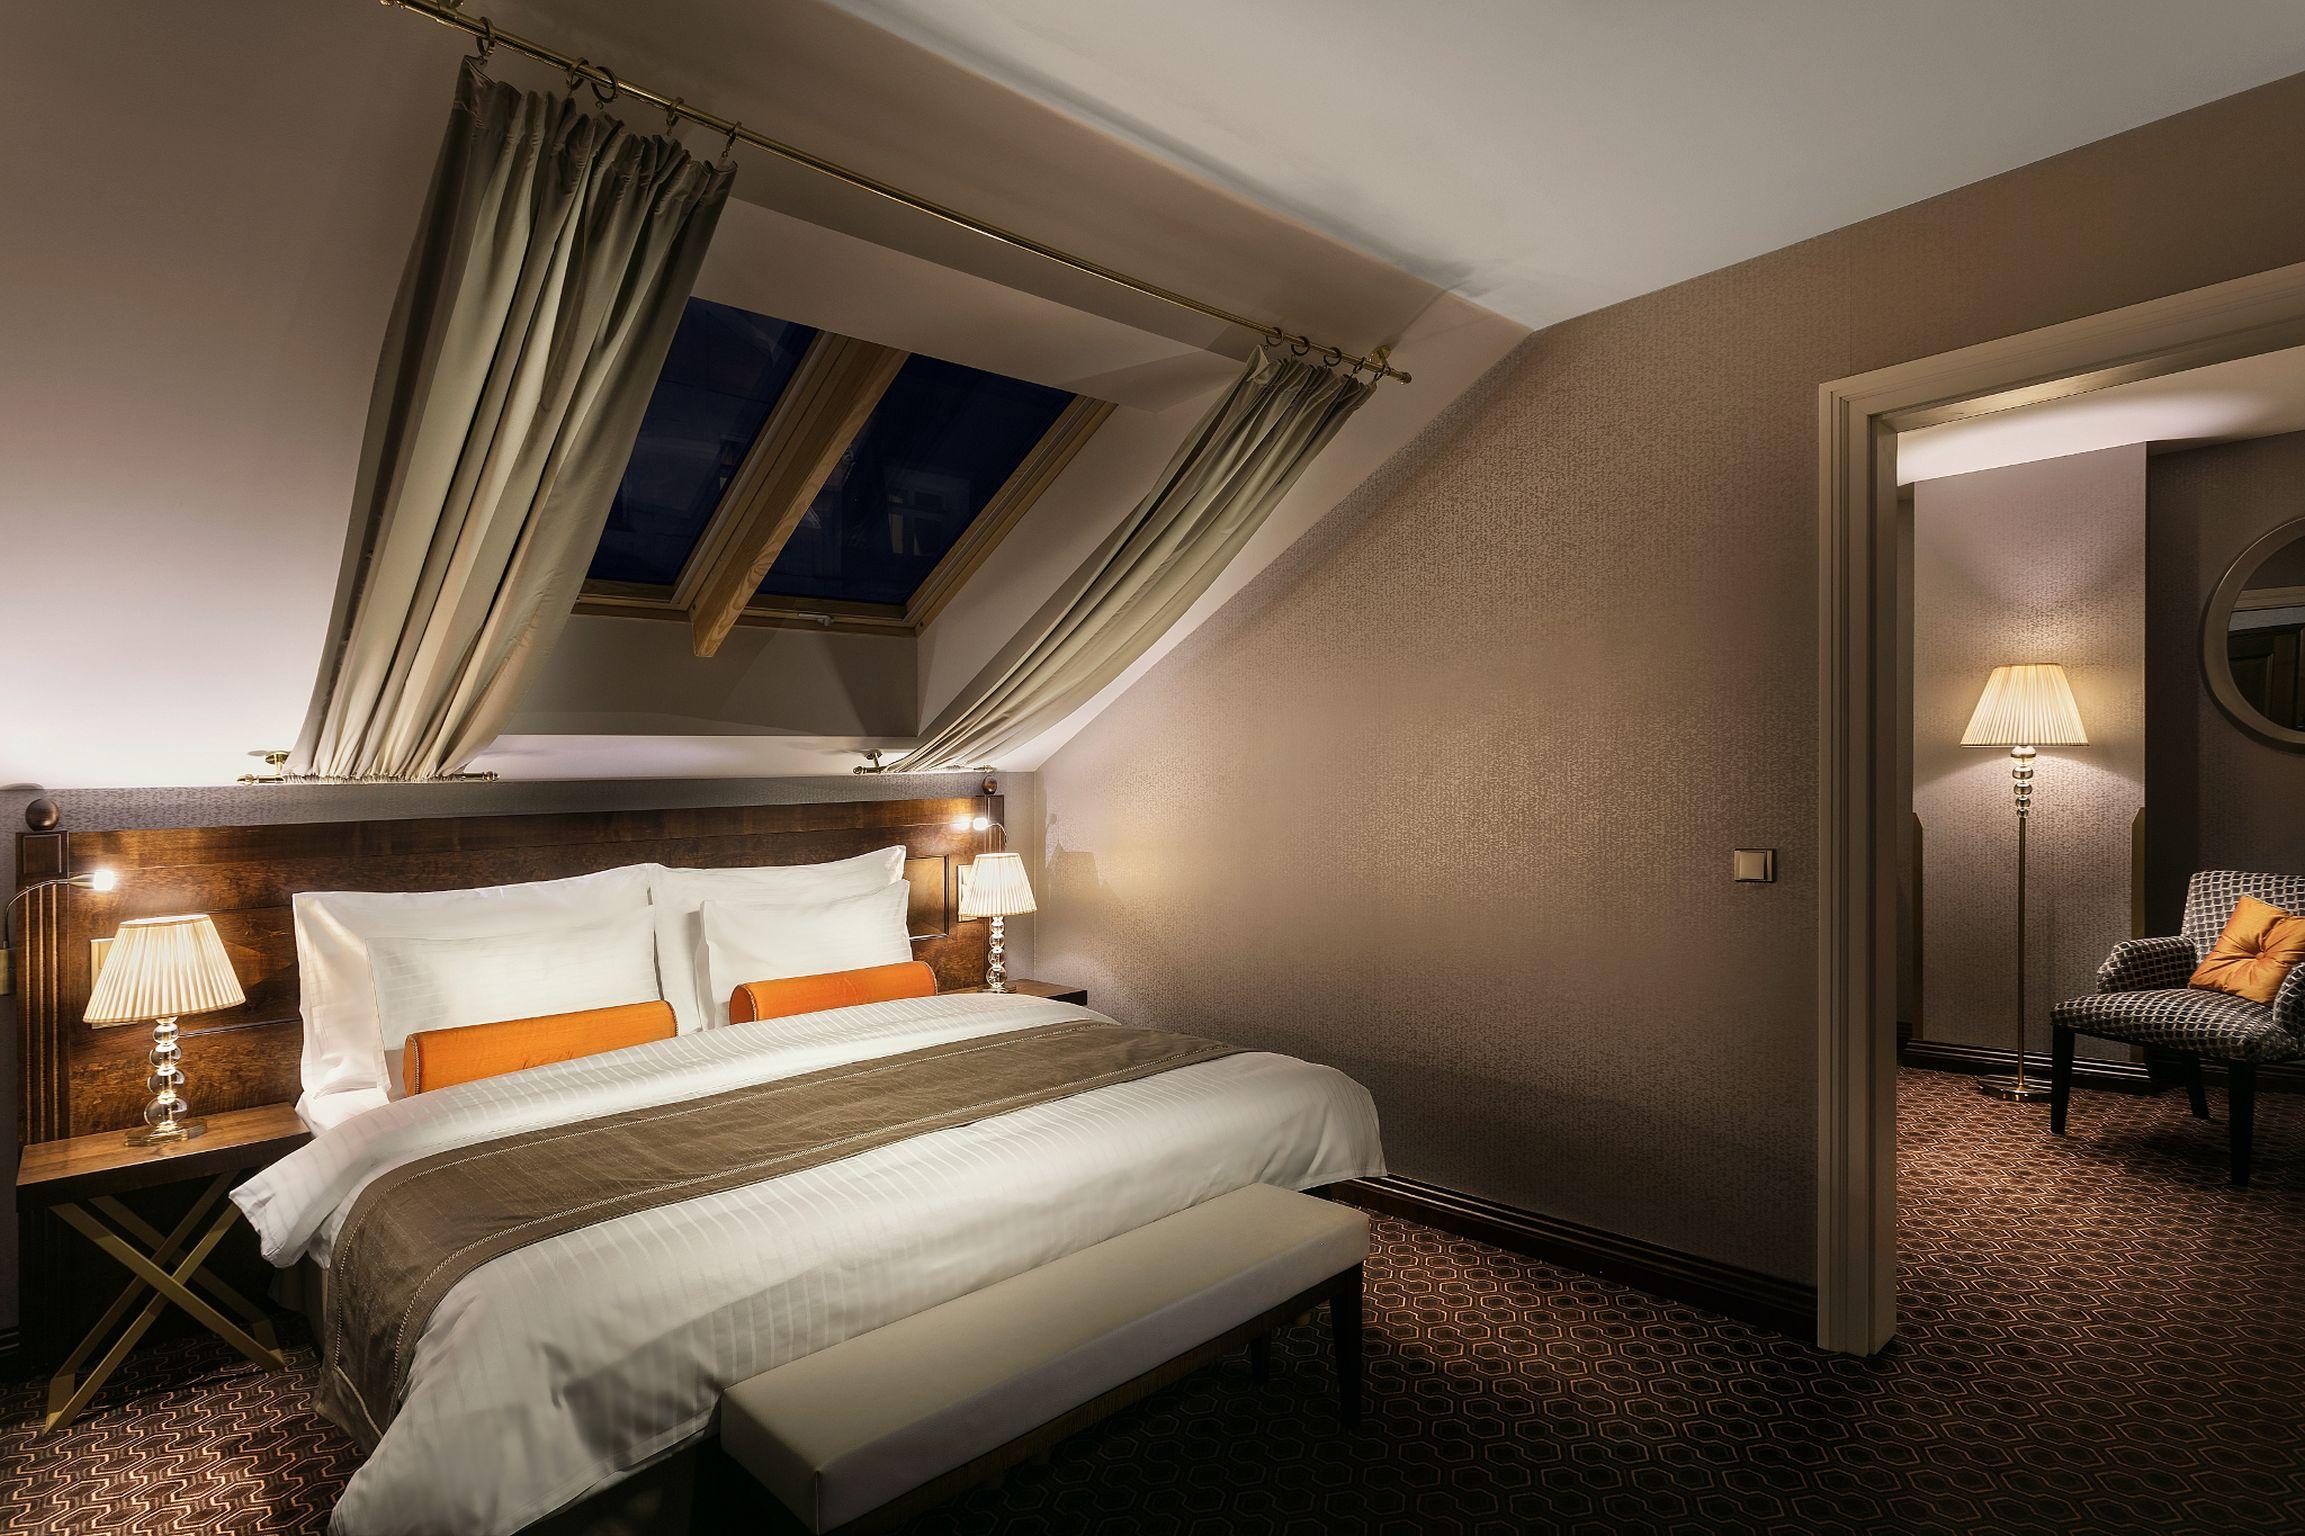 Cosmo 2 Bedroom City Suite Style Interior cosmopolitan hotel prague - prague.eu